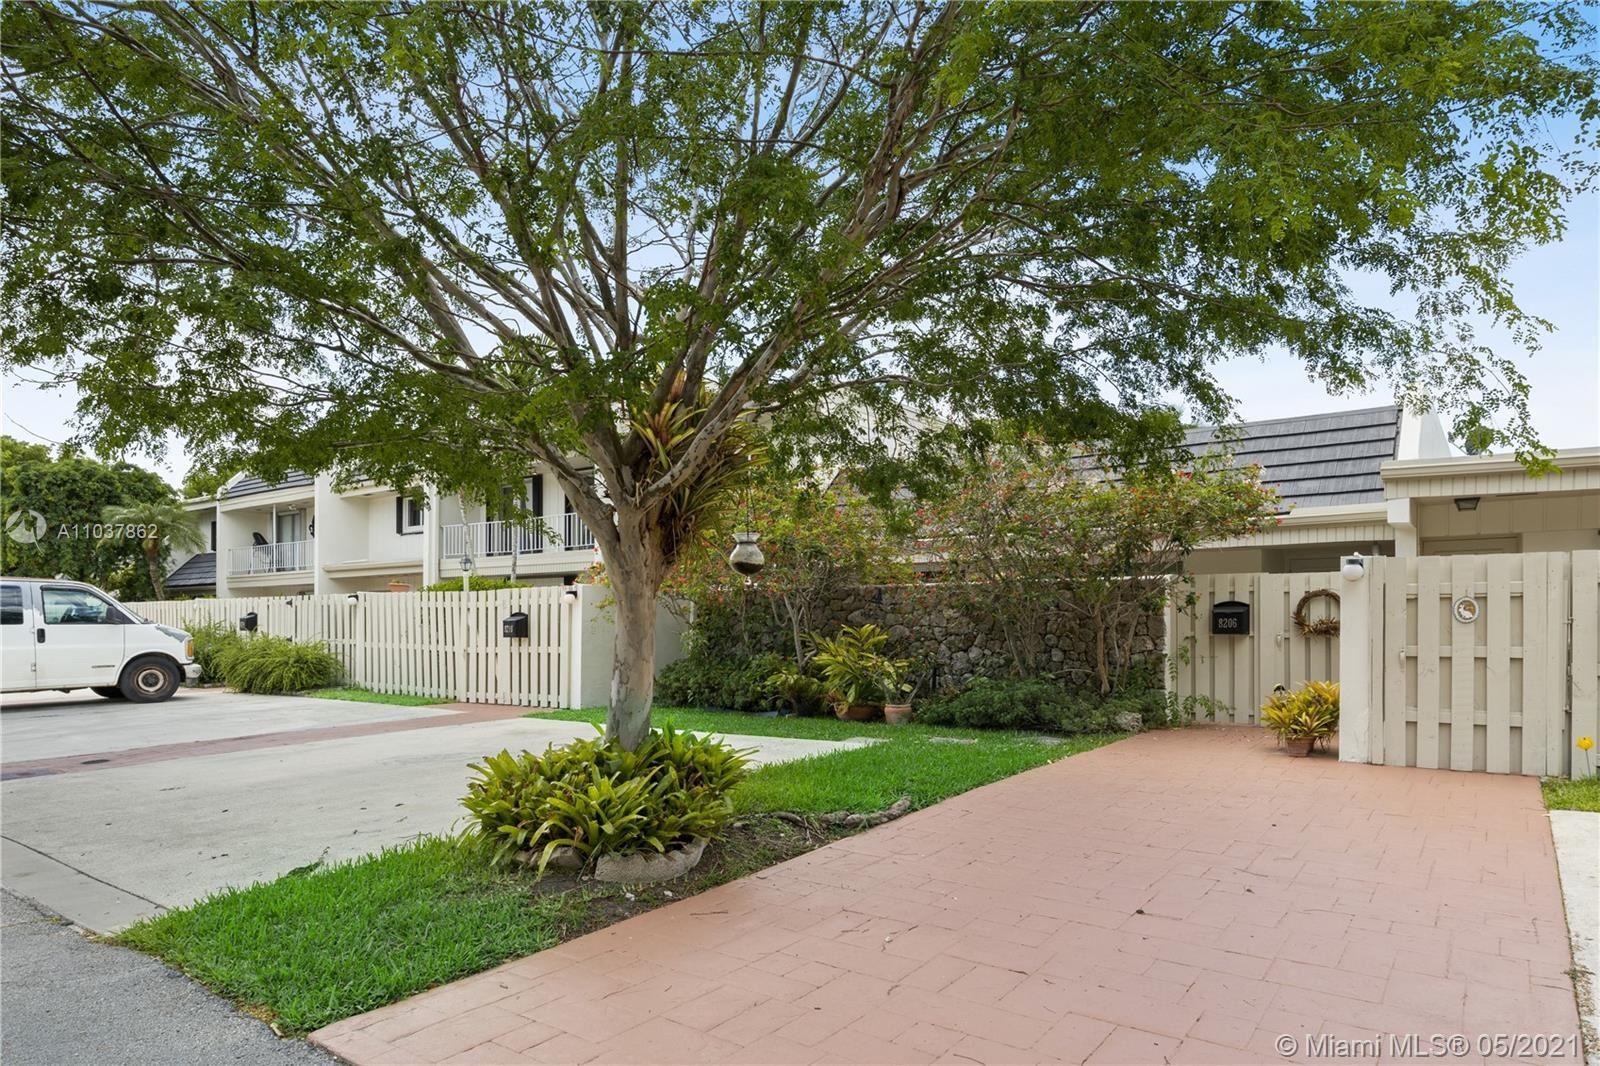 8206 SW 81st Ct, Miami, FL 33143 - #: A11037862